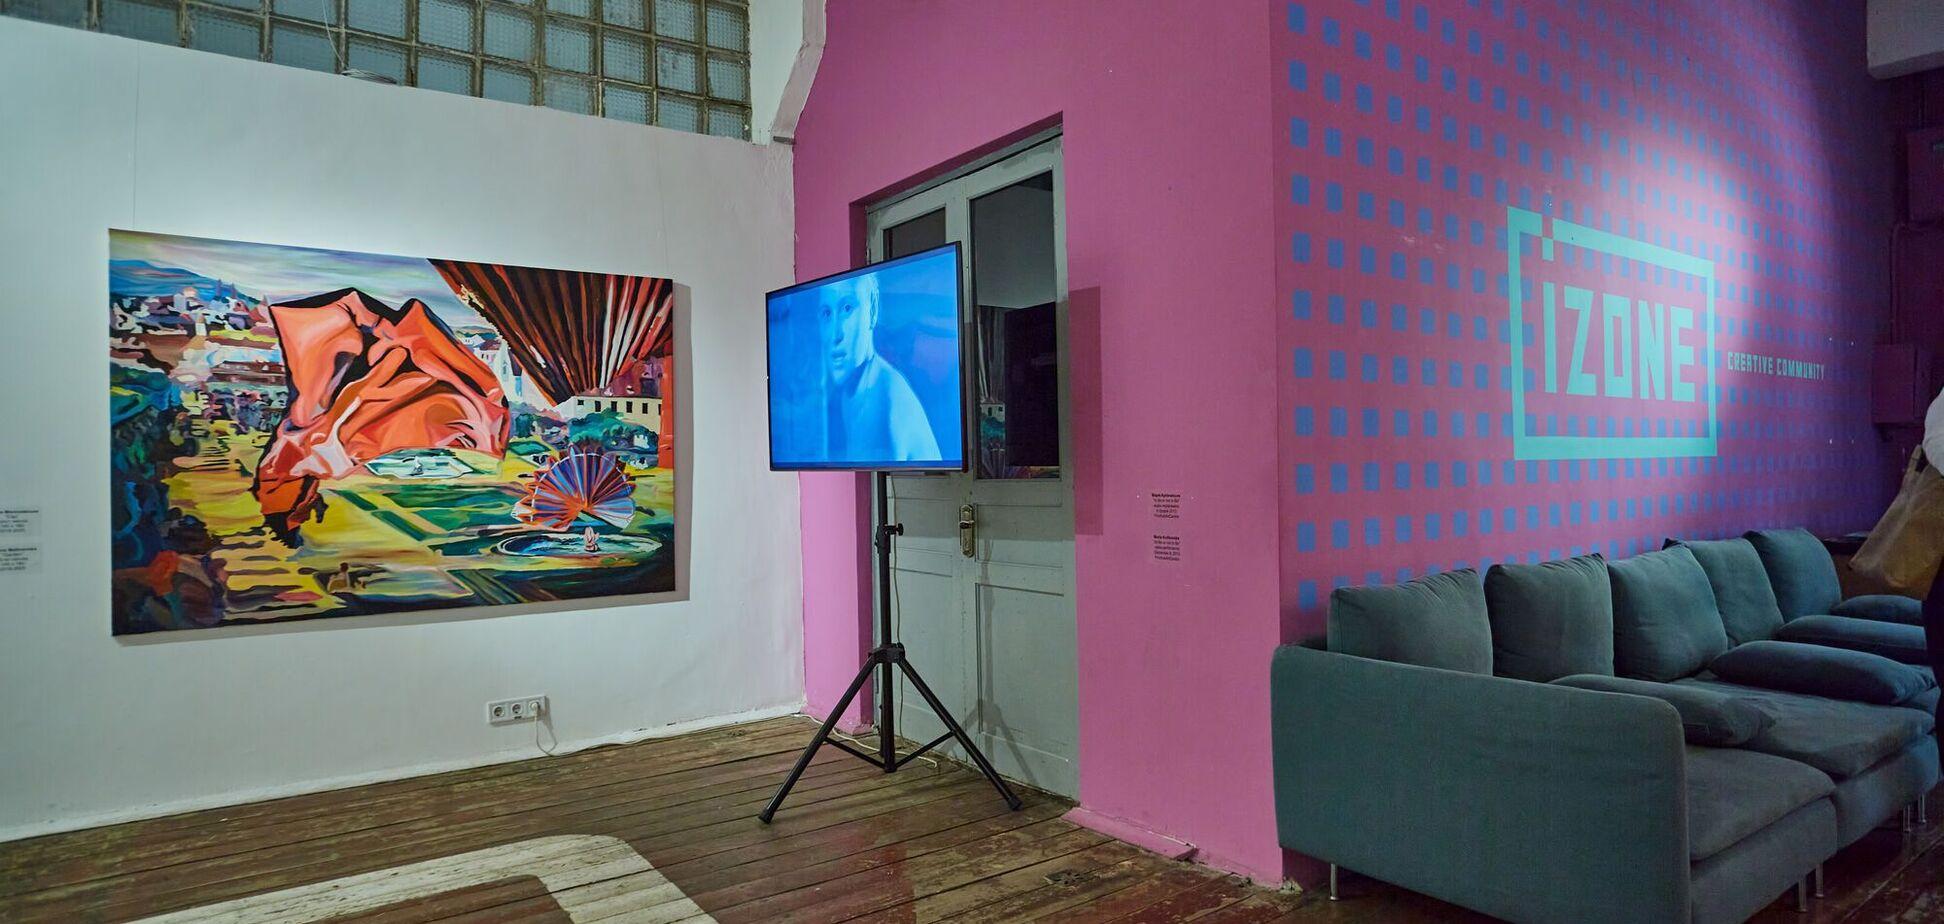 В Киеве открылась выставка международного художественного проэкта 'Out of Scope'